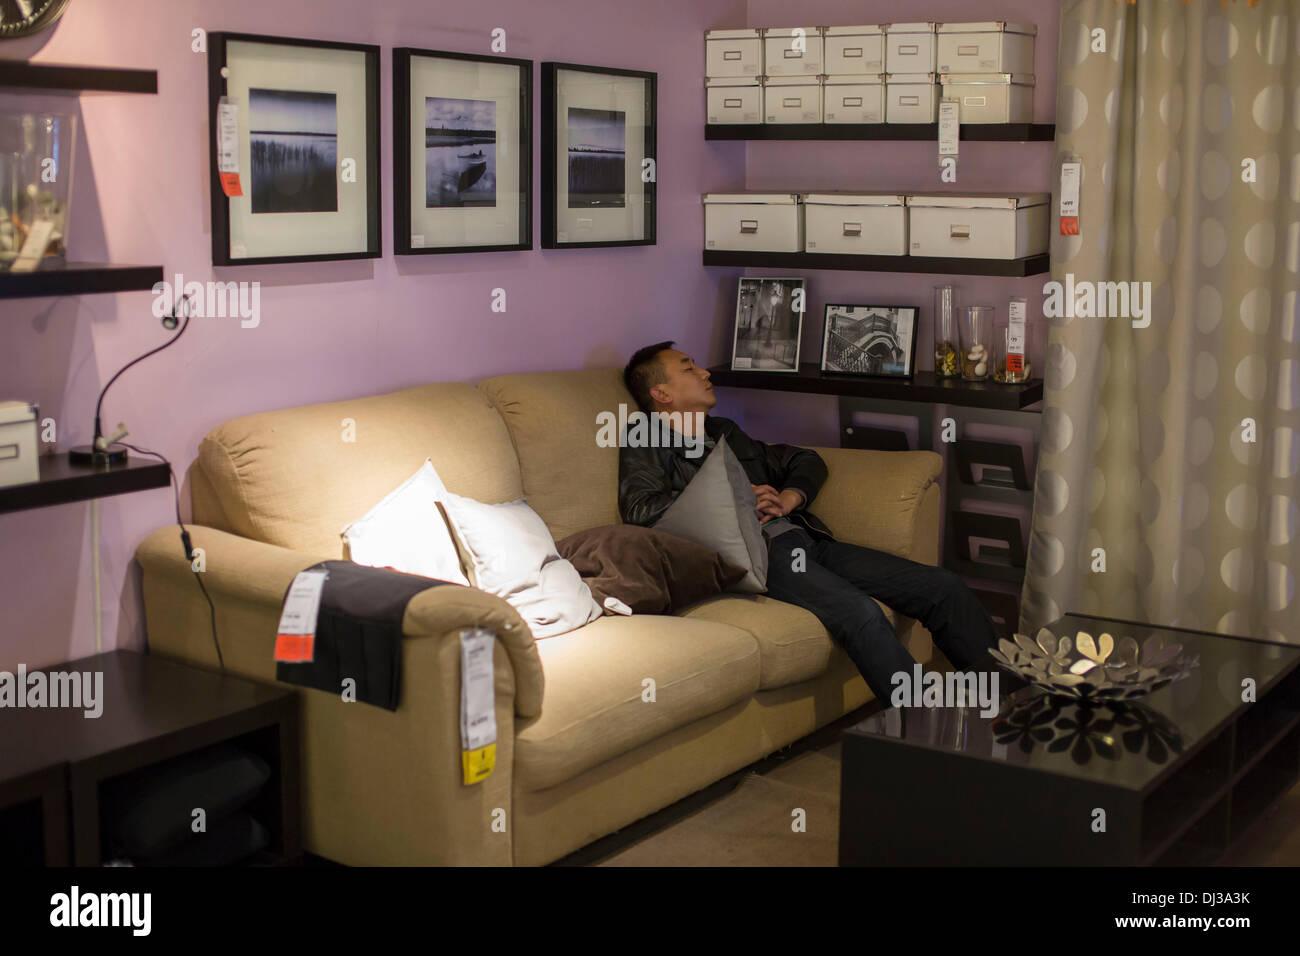 Per realizzare un angolo lettura abbiamo bisogno di un paio di elementi. Pechino Cina Xix Nov 2013 Gente Che Dormiva Su Mobili Da Camera Da Letto E Sedie All Interno Dell Ikea Pechino Siyuanqiao Store Un Buon Posto Per Essere Fuori Del Calore In Estate E